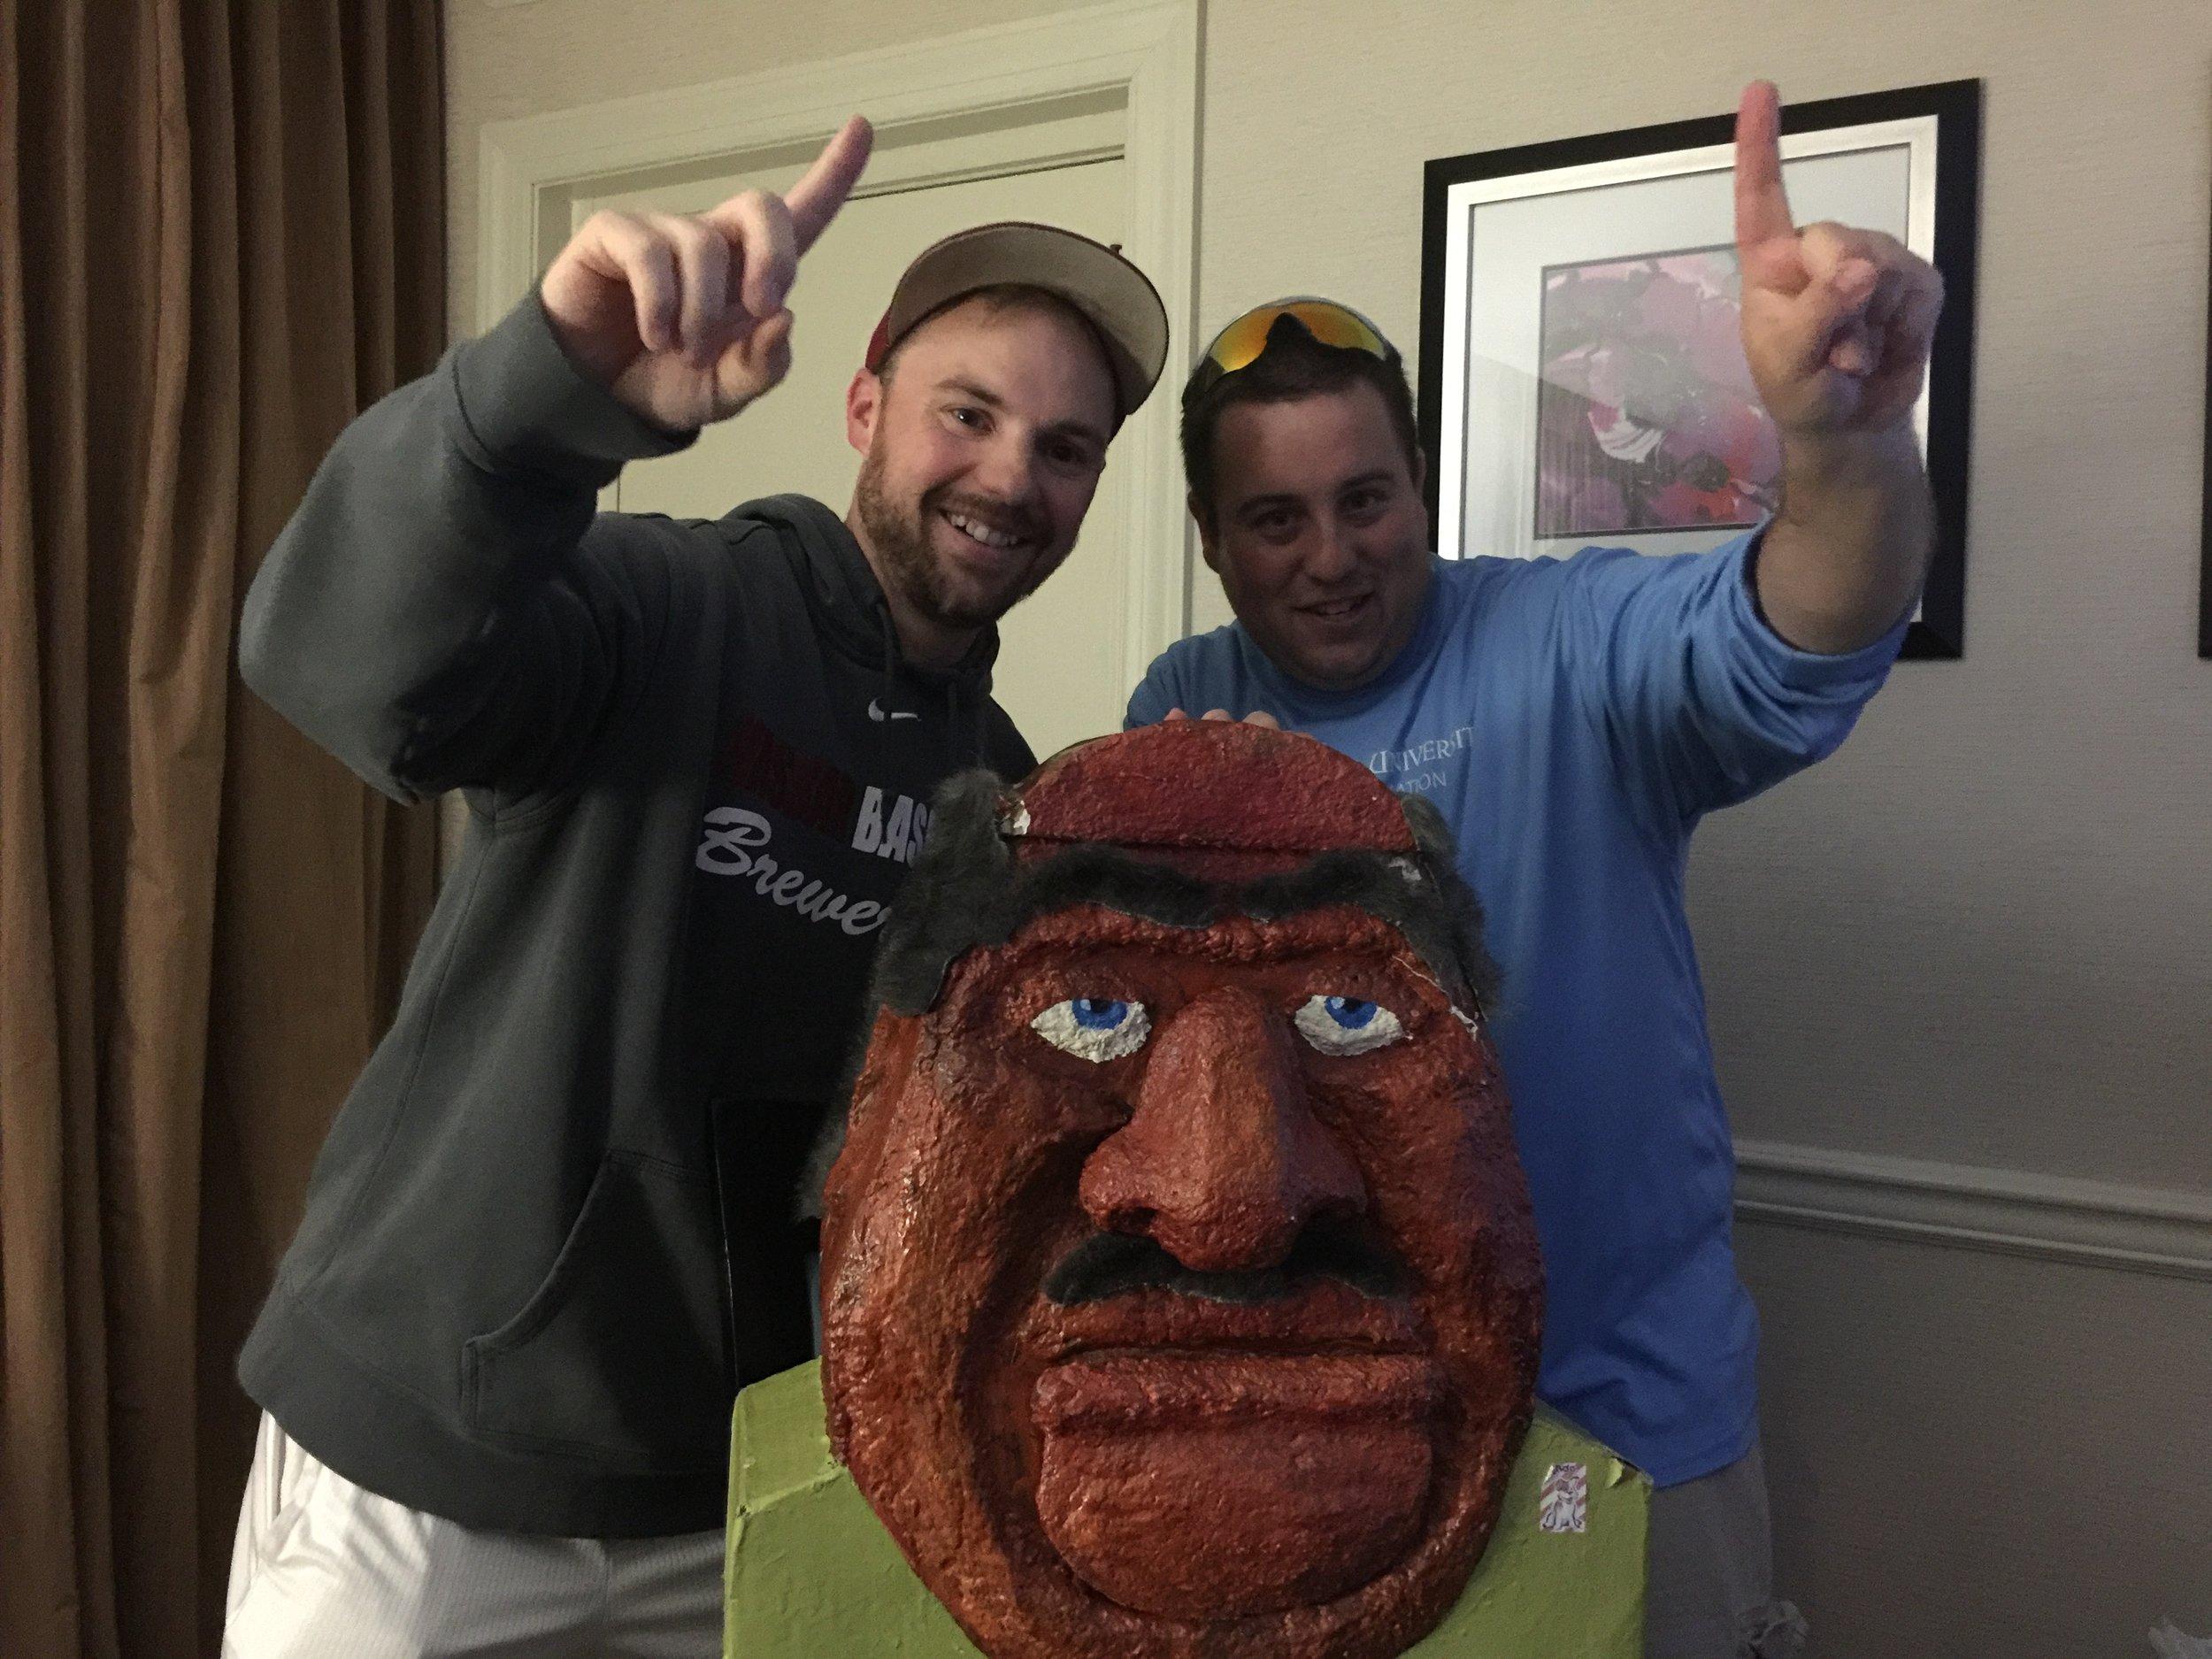 Chagnon (left) and Morgal (right) celebrate with Big Head.